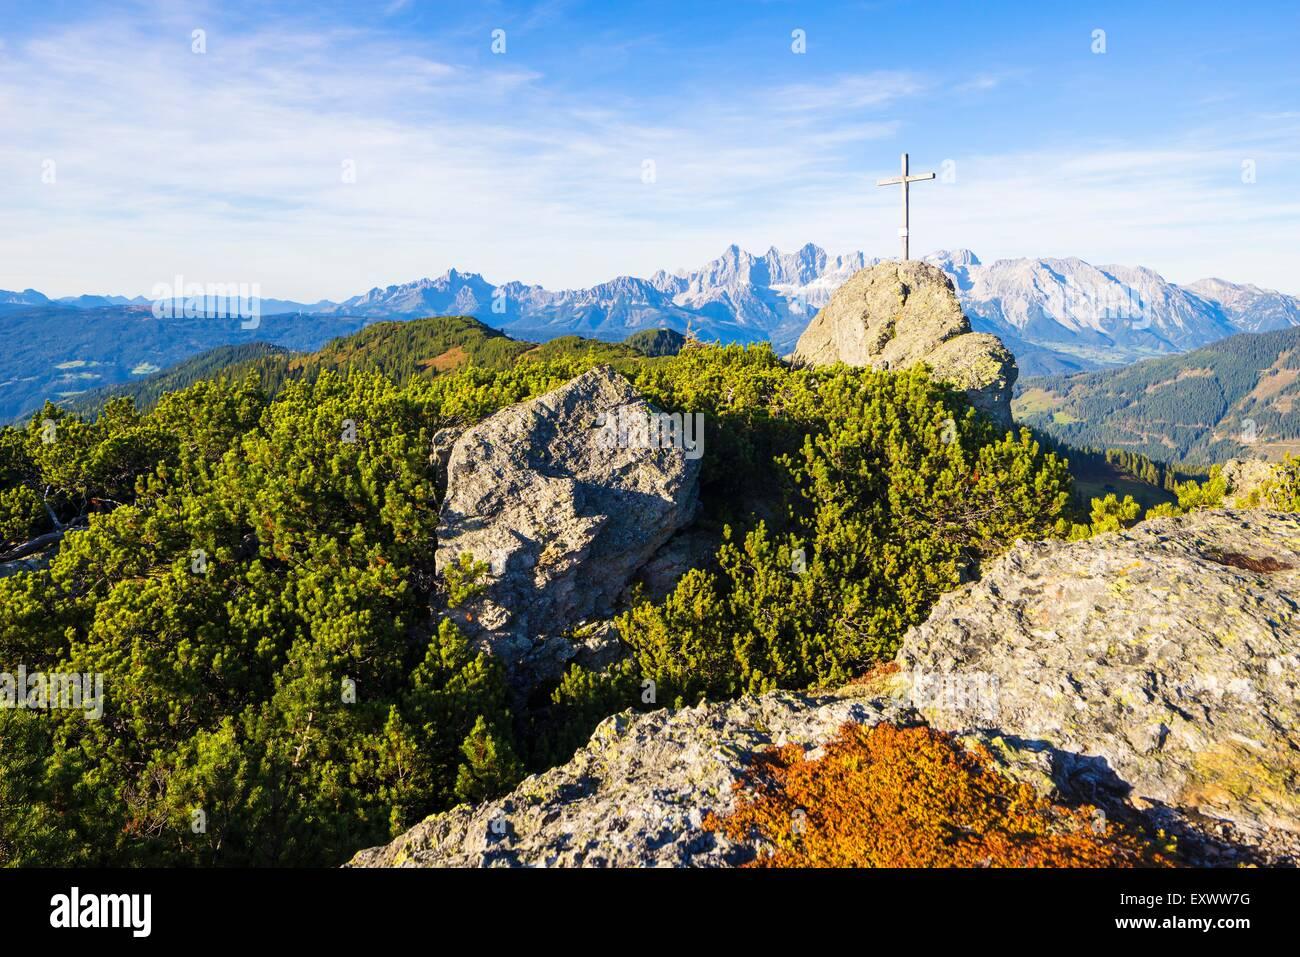 Landschaft, Berg, Gebirge, Alpen, Europa, Westeuropa, Mitteleuropa, Österreich, Salzburger Land, Himmel, Ruhe, Stockbild